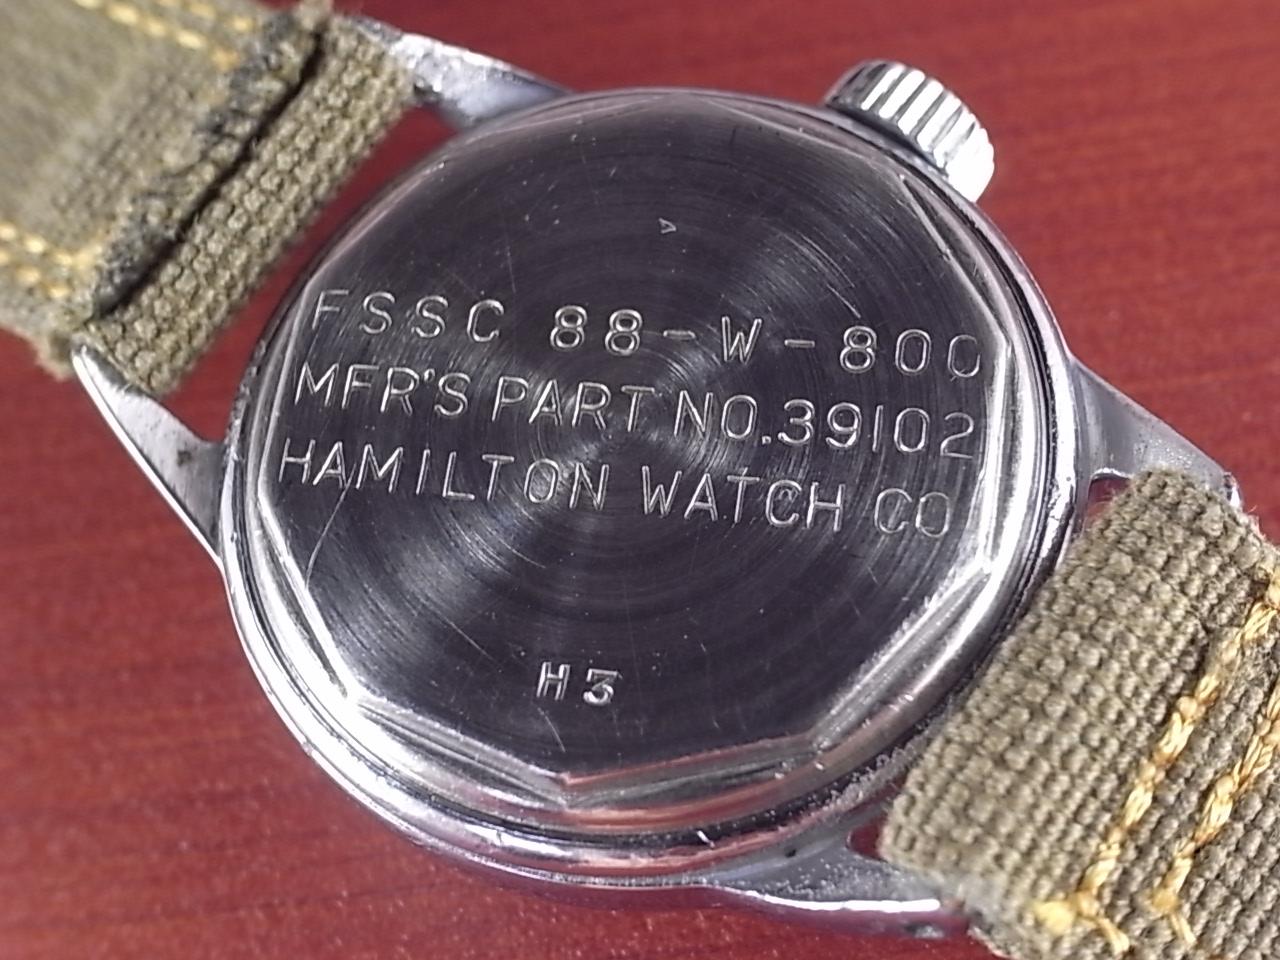 ハミルトン アメリカ海軍 FSSC 88-W-800 第二次世界大戦 1940年代の写真4枚目